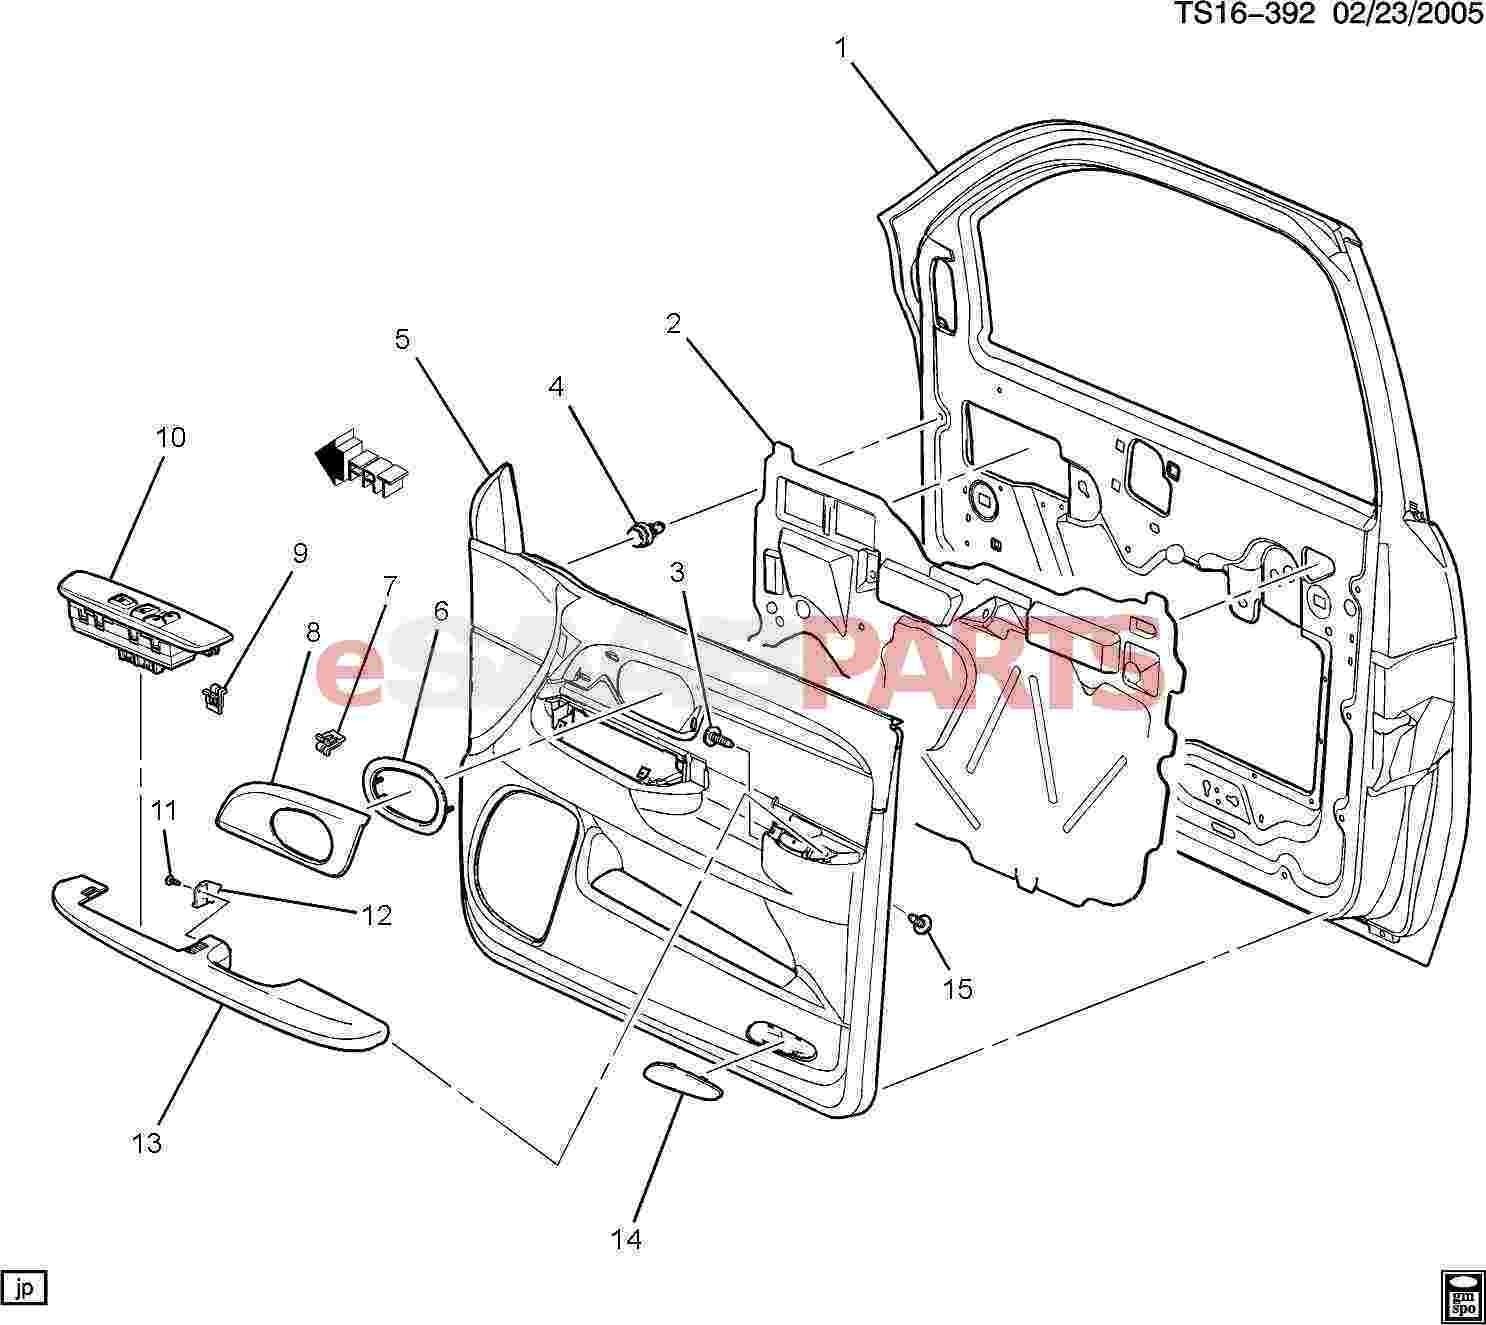 Car Ac Parts Diagram ] Saab Bolt Hwh with Fl Wa M4 2×1 41×20 12 5 O D Dog Pt Of Car Ac Parts Diagram